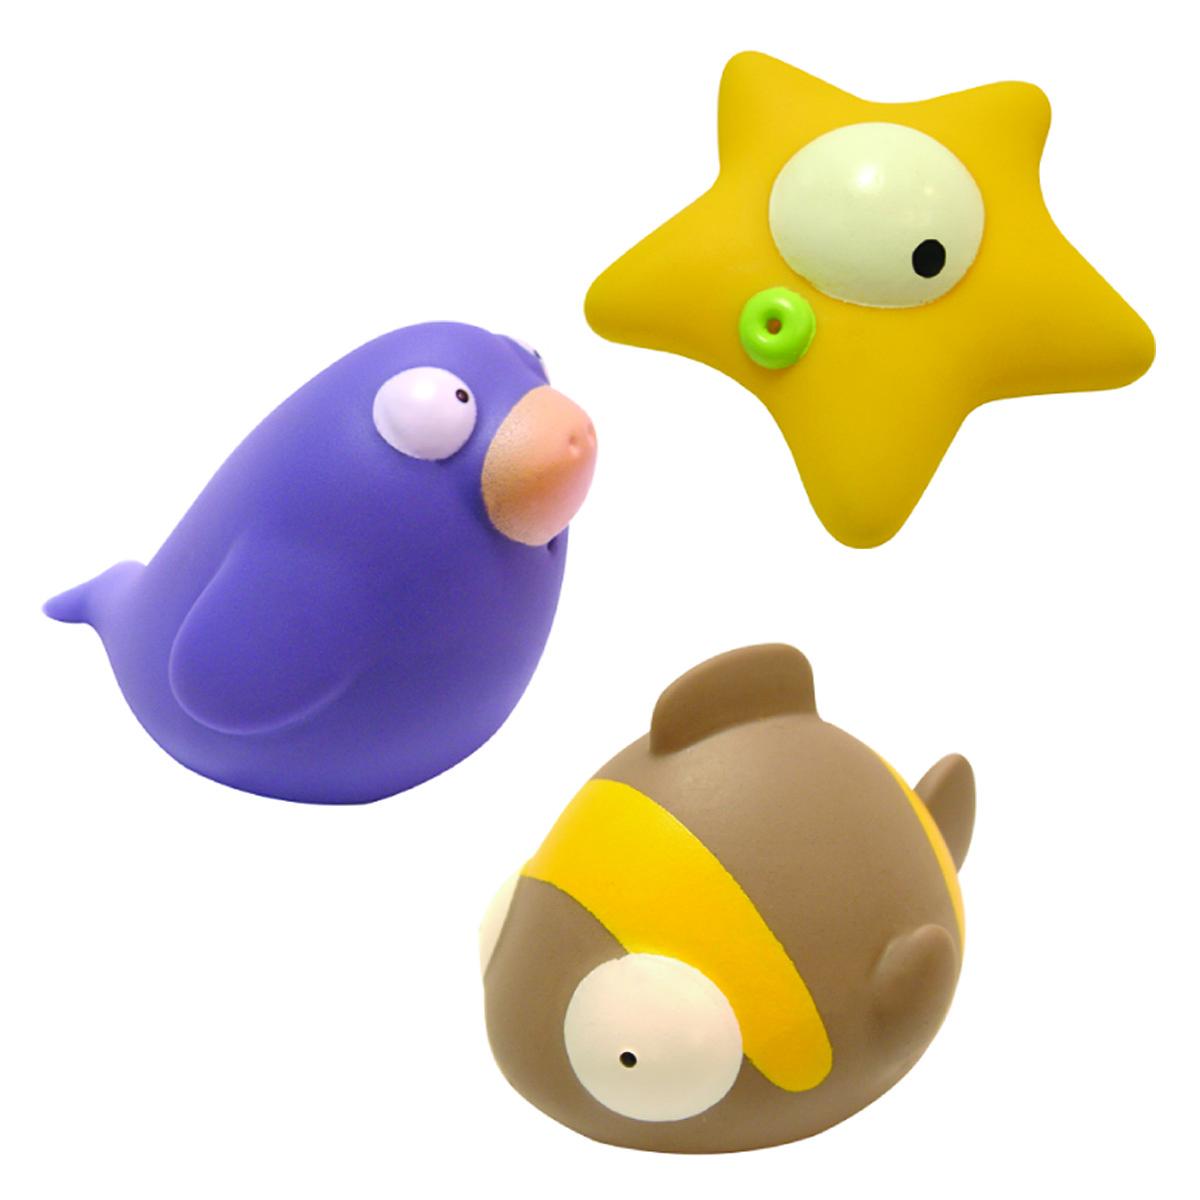 Mara Baby Набор игрушек для ванной Жители океана 3 шт24002С набором игрушек для ванной Mara Baby Жители океана принимать водные процедуры станет еще веселее и приятнее. В набор входят три игрушки - рыба, звезда и тюлень. Игрушки могут брызгать водой. Набор доставит ребенку большое удовольствие и поможет преодолеть страх перед купанием. Игрушки для ванной способствуют развитию воображения, цветового восприятия, тактильных ощущений и мелкой моторики рук.